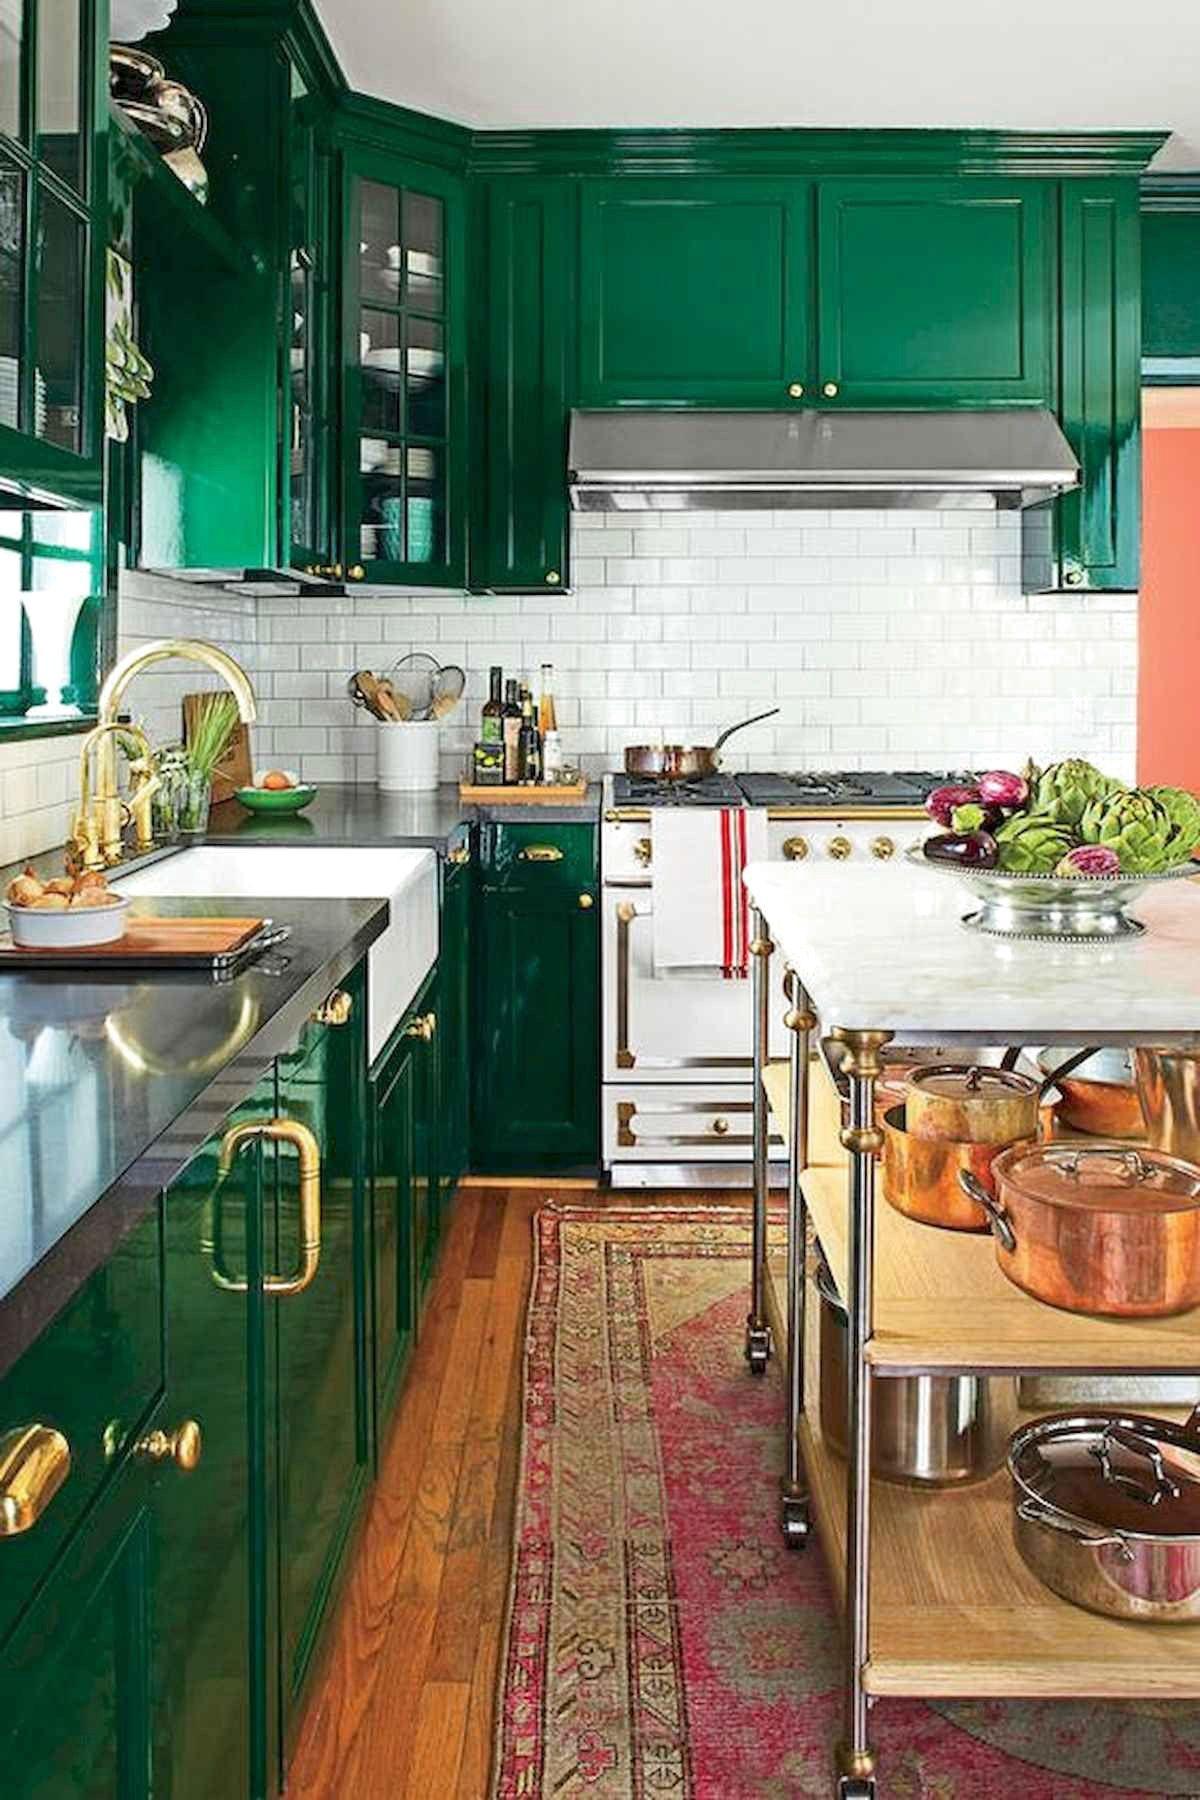 70 Best White Kitchen Design Ideas And Decor | Green ...